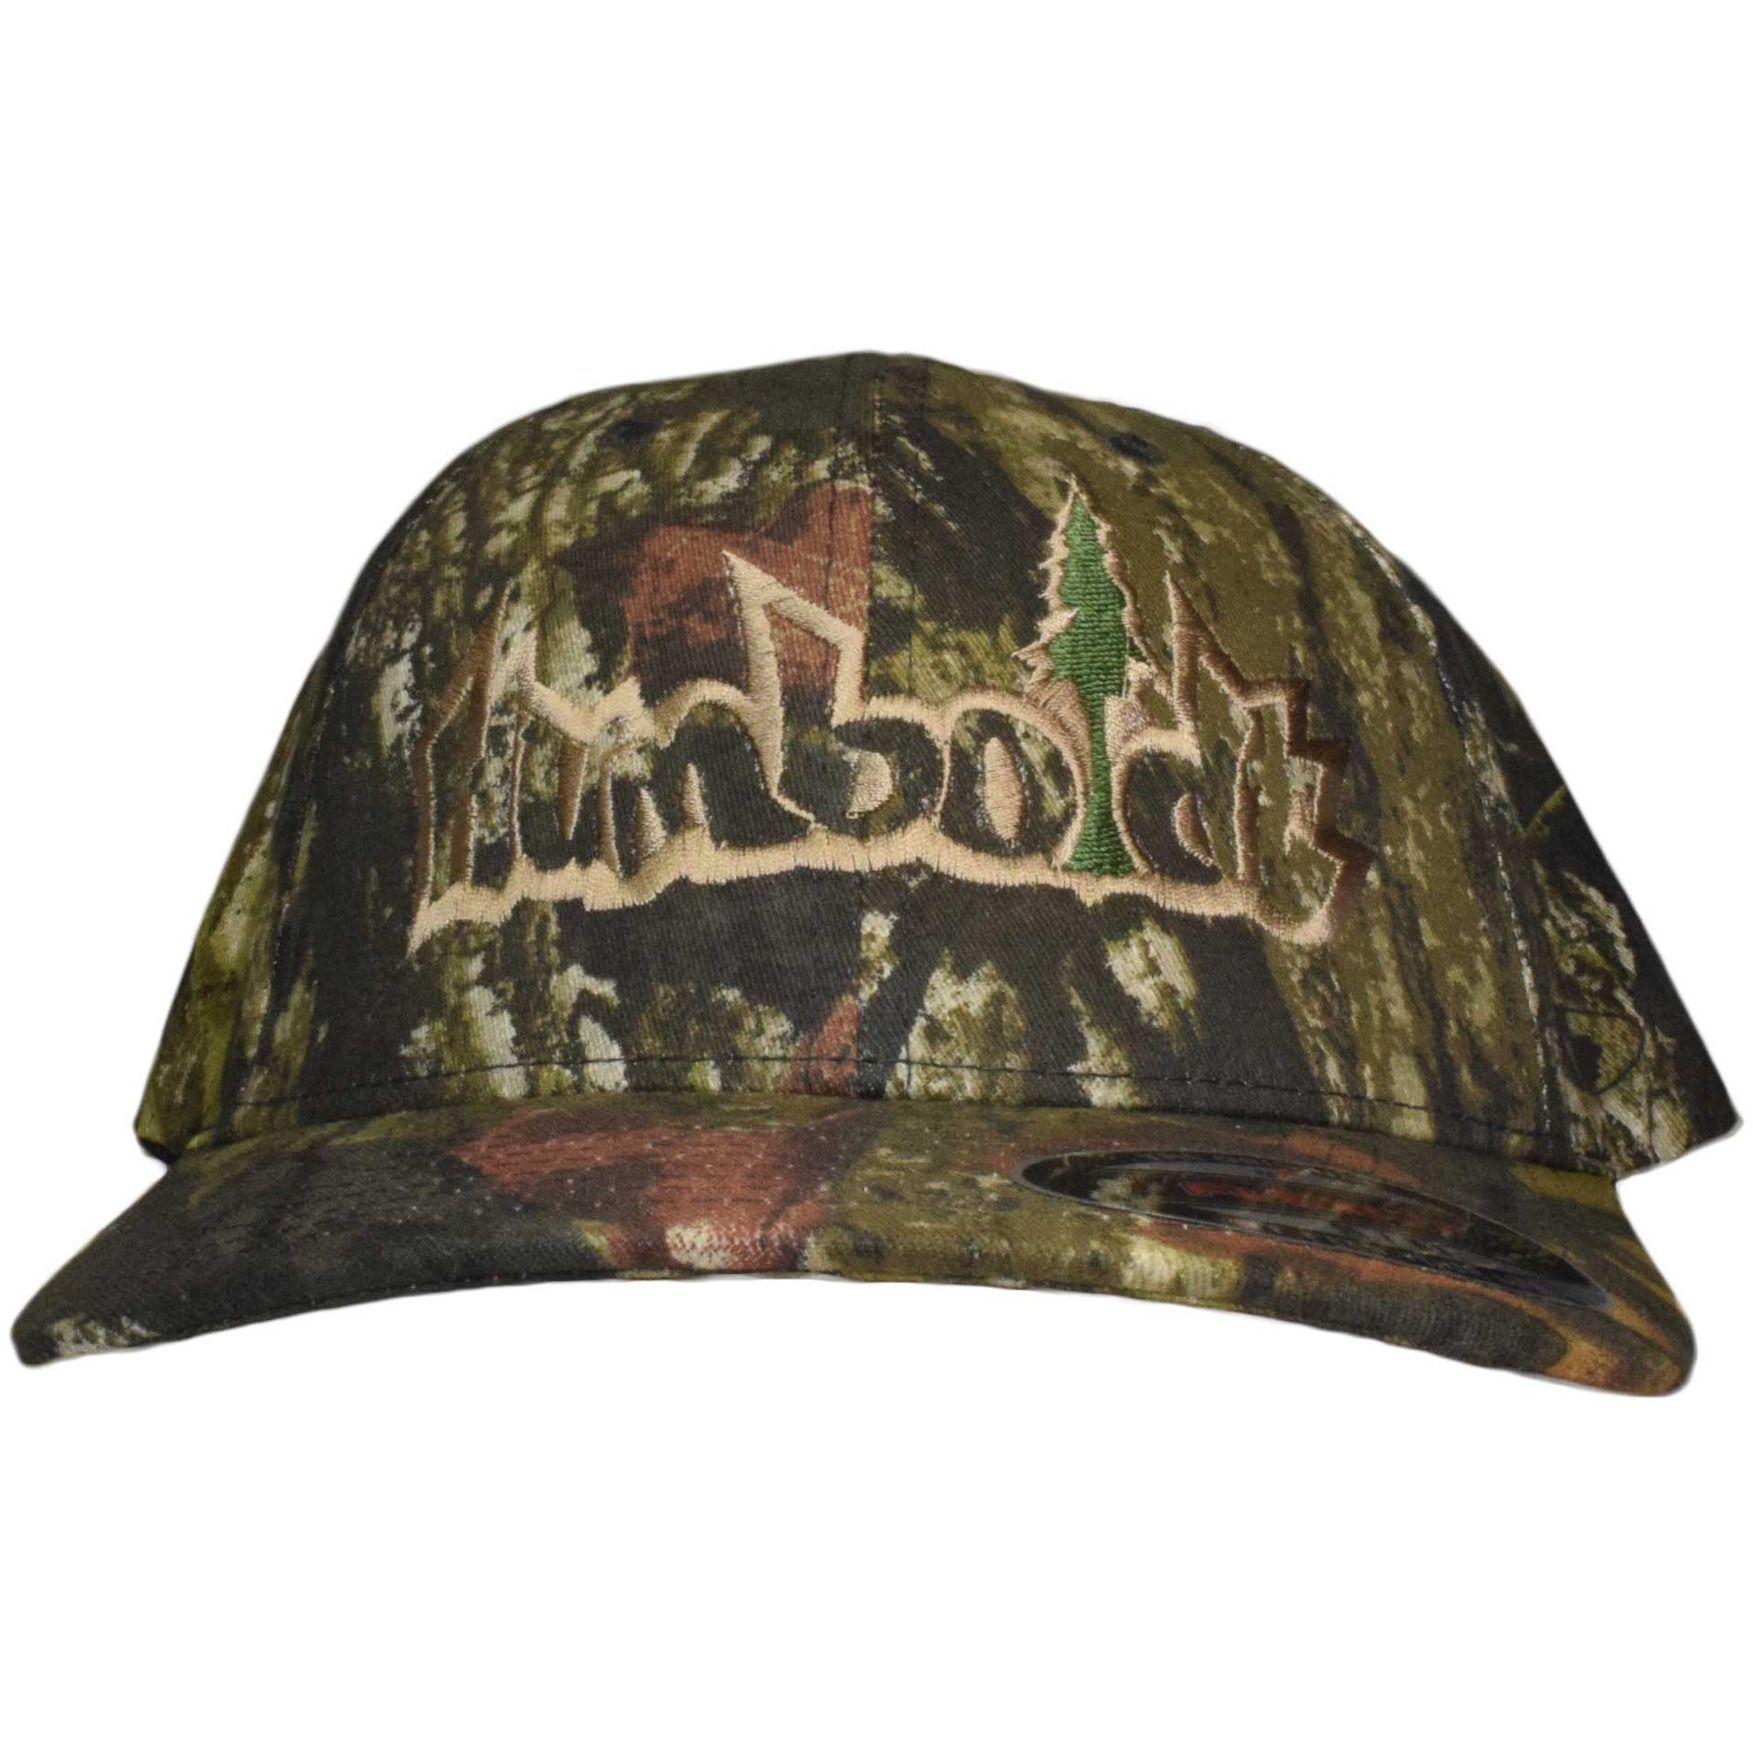 f742e687462 Curved Bill Treelogo Outline Mossy Oak Break Up Flex Hat